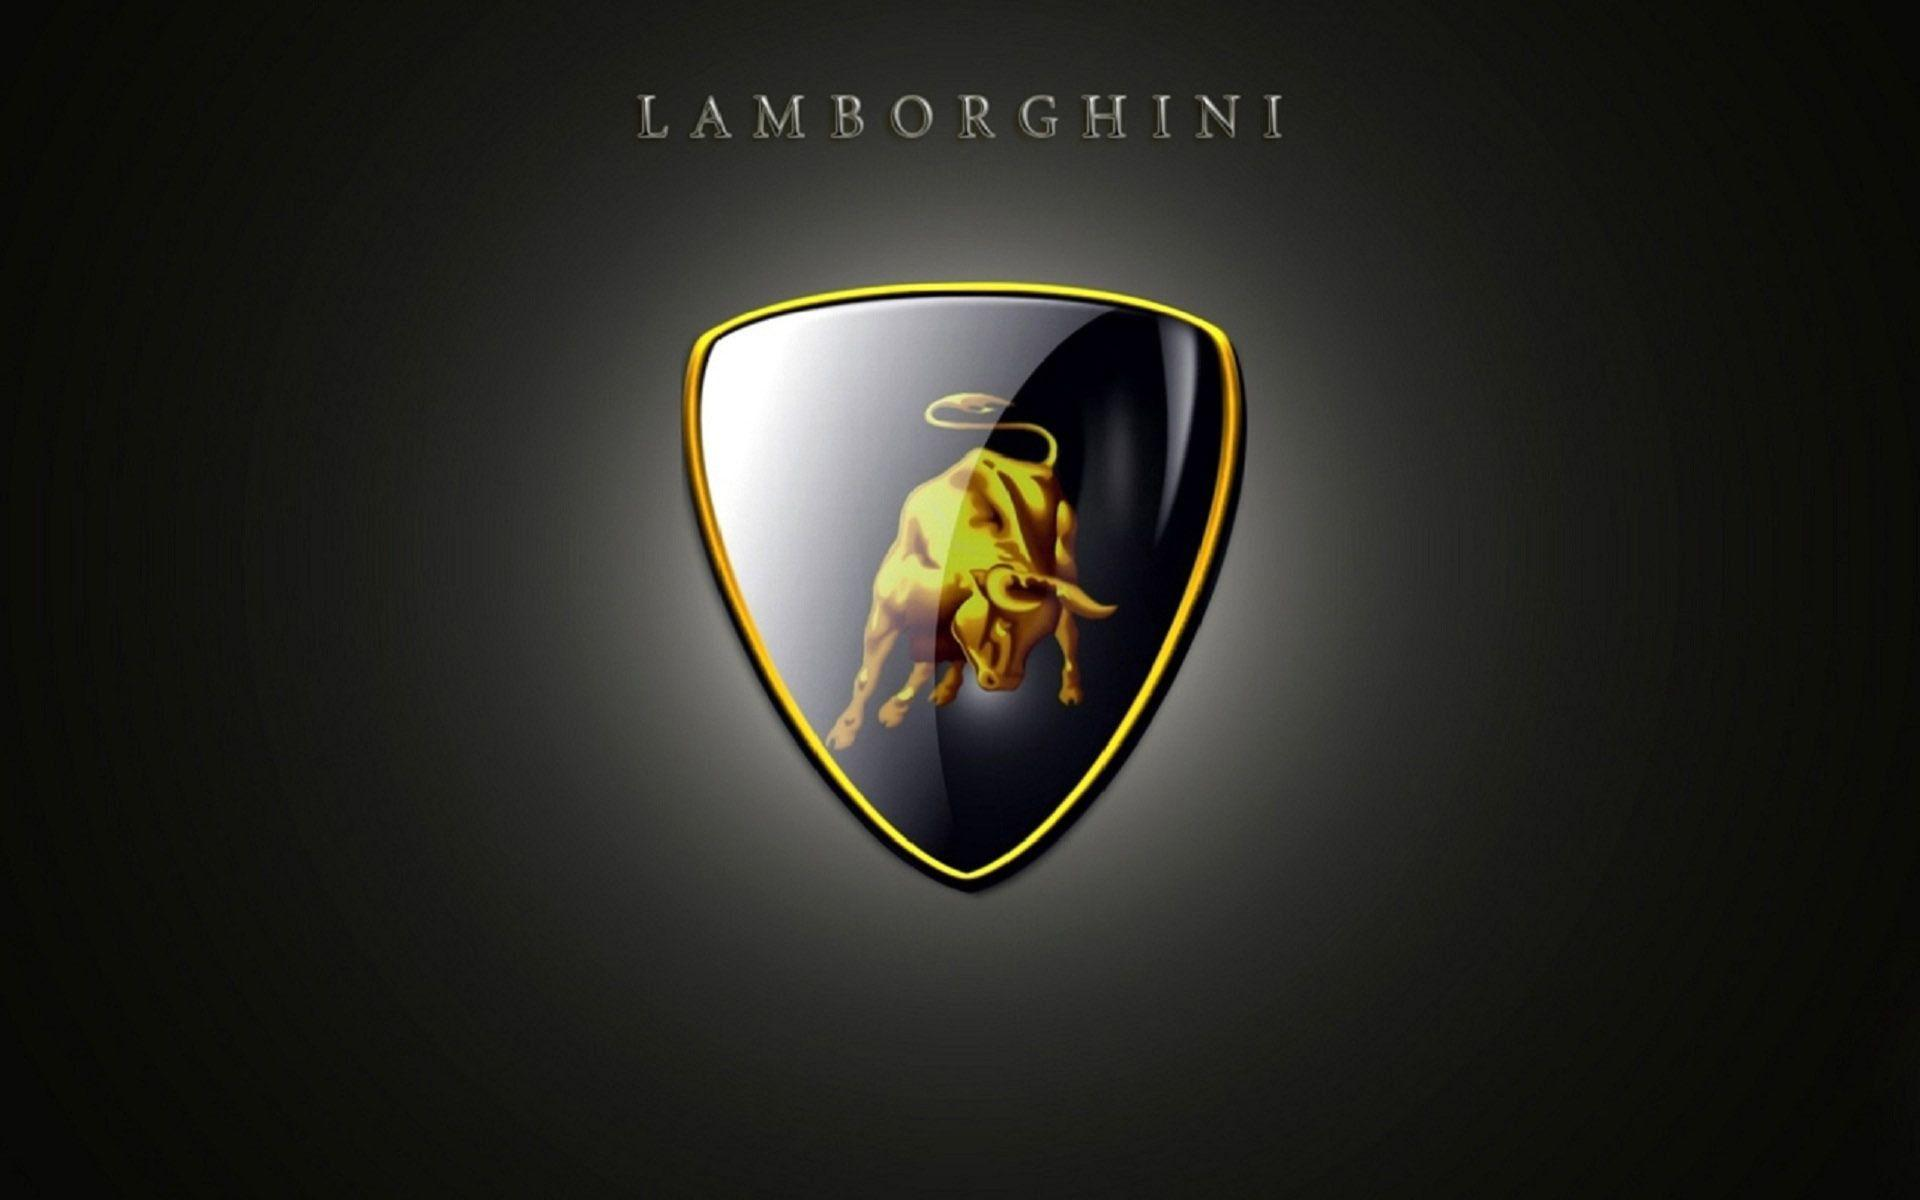 логотип lamborghini высокое качество обои